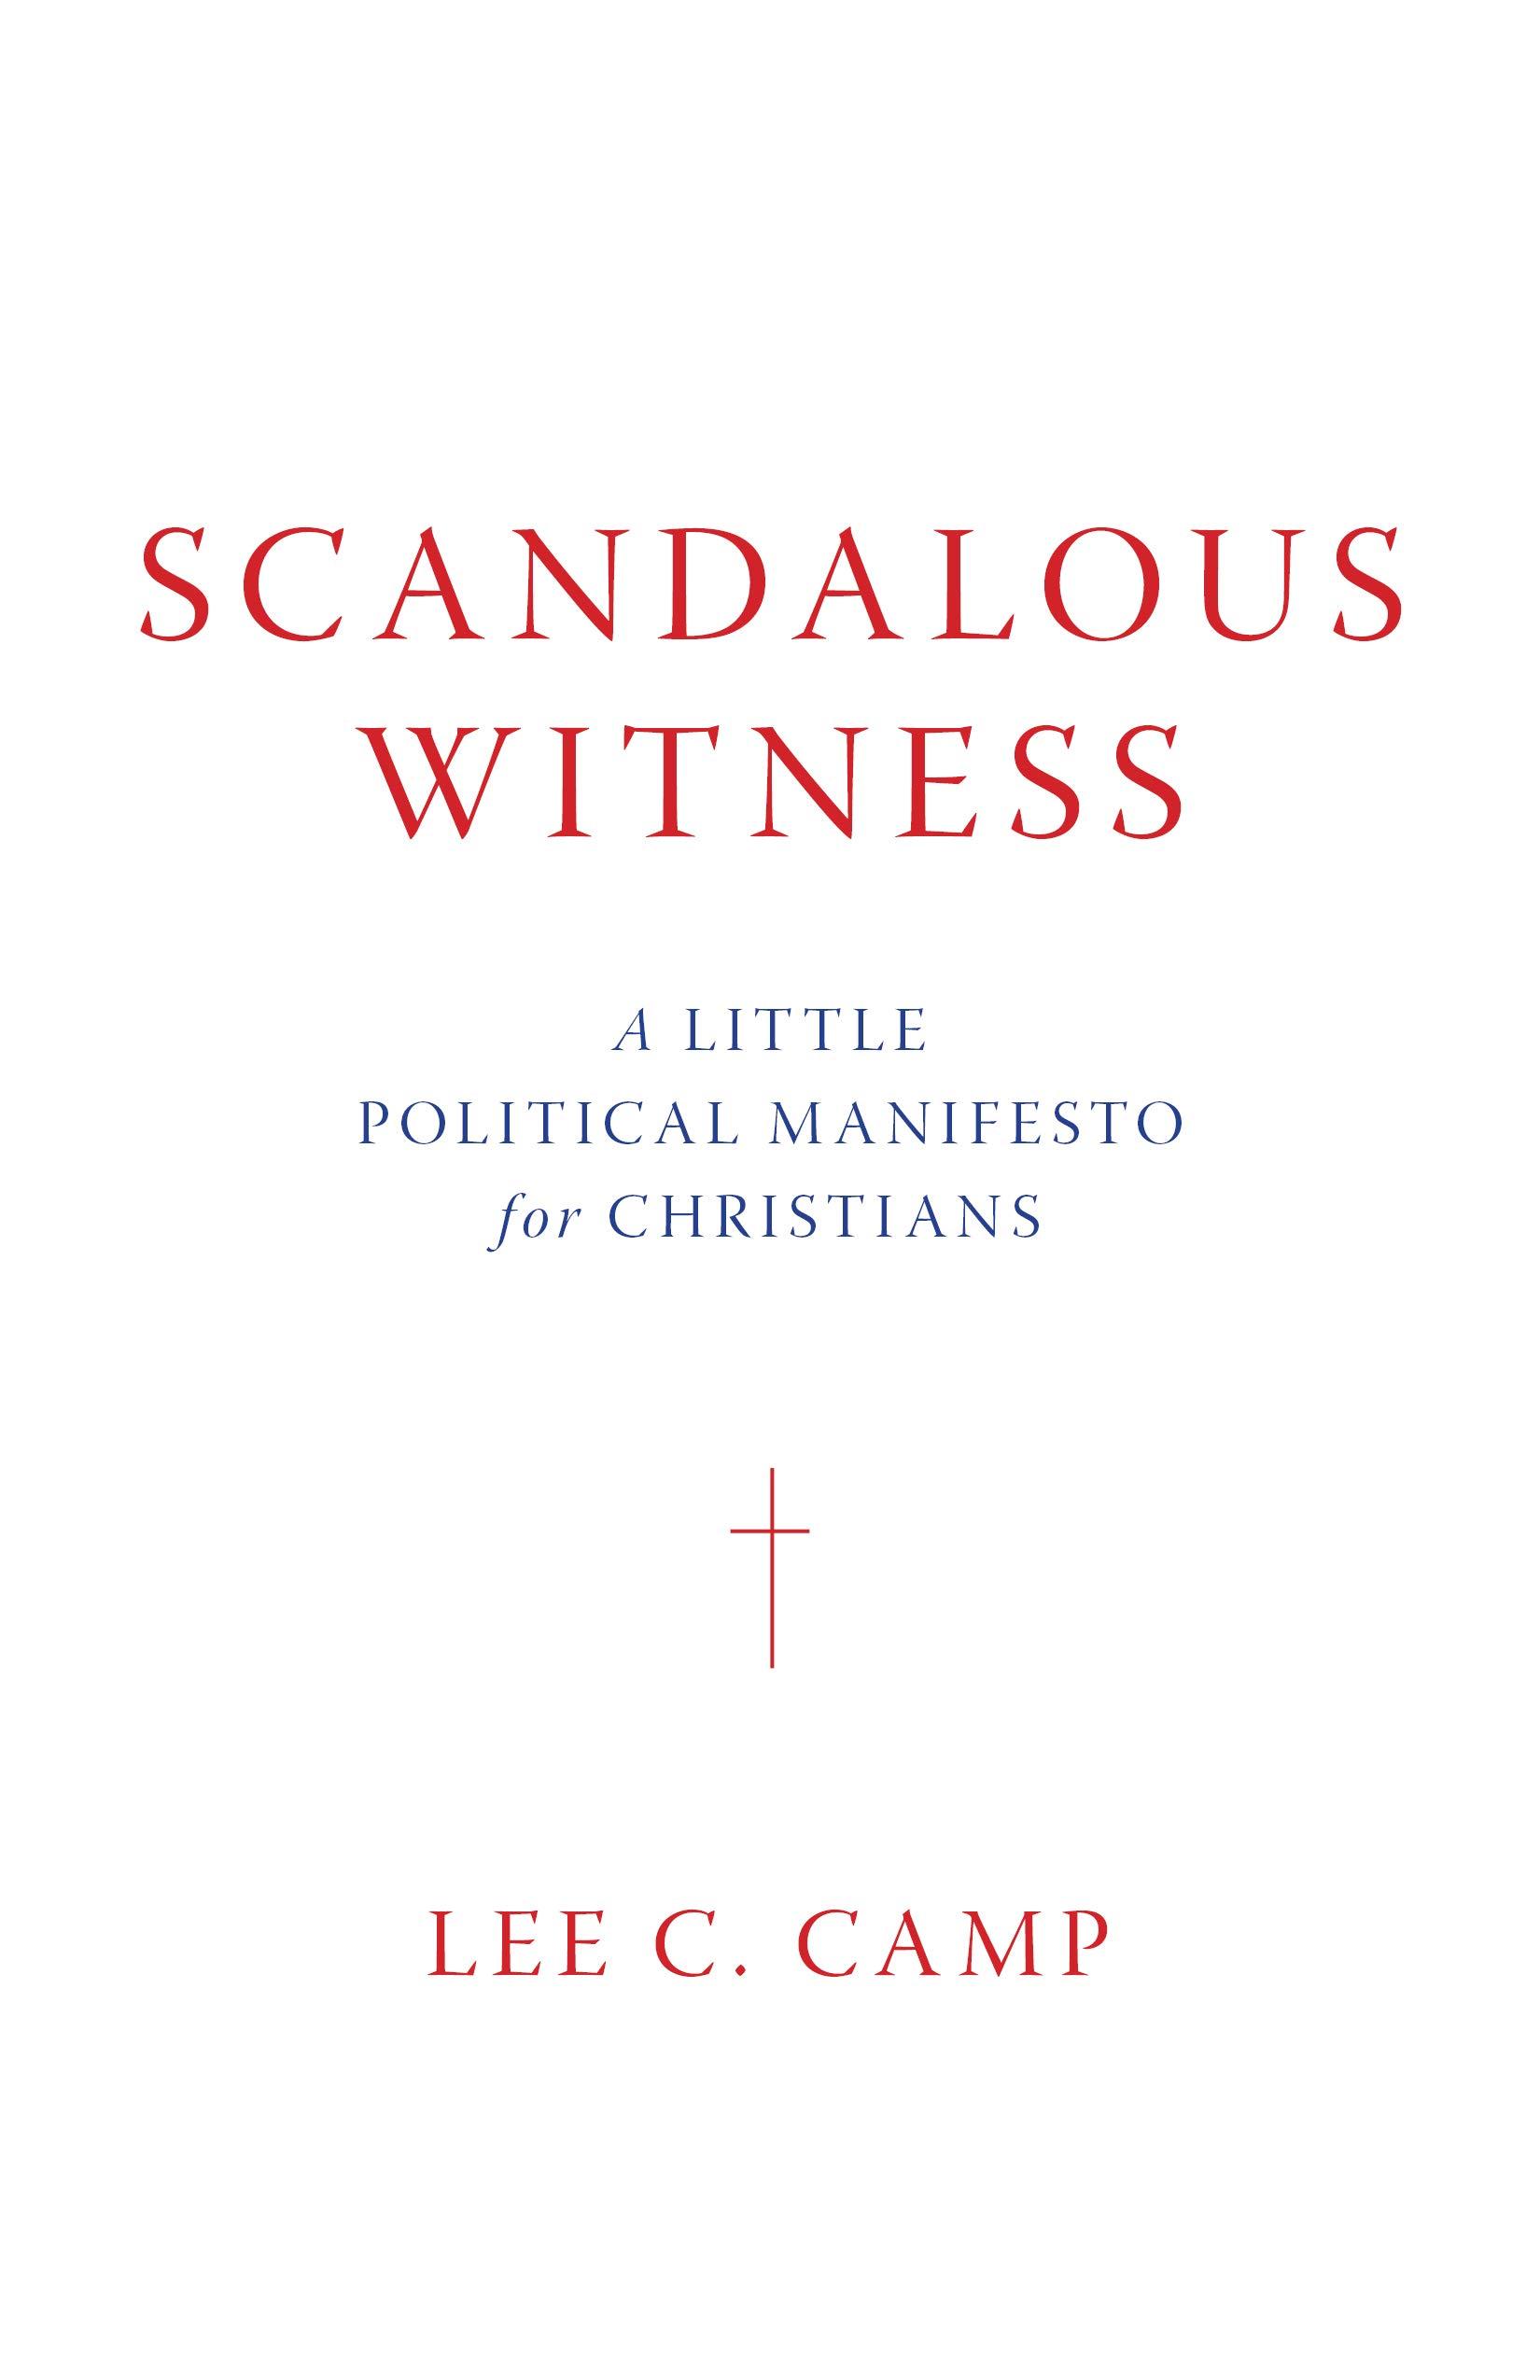 Scandalous-Witness-Cover.jpg